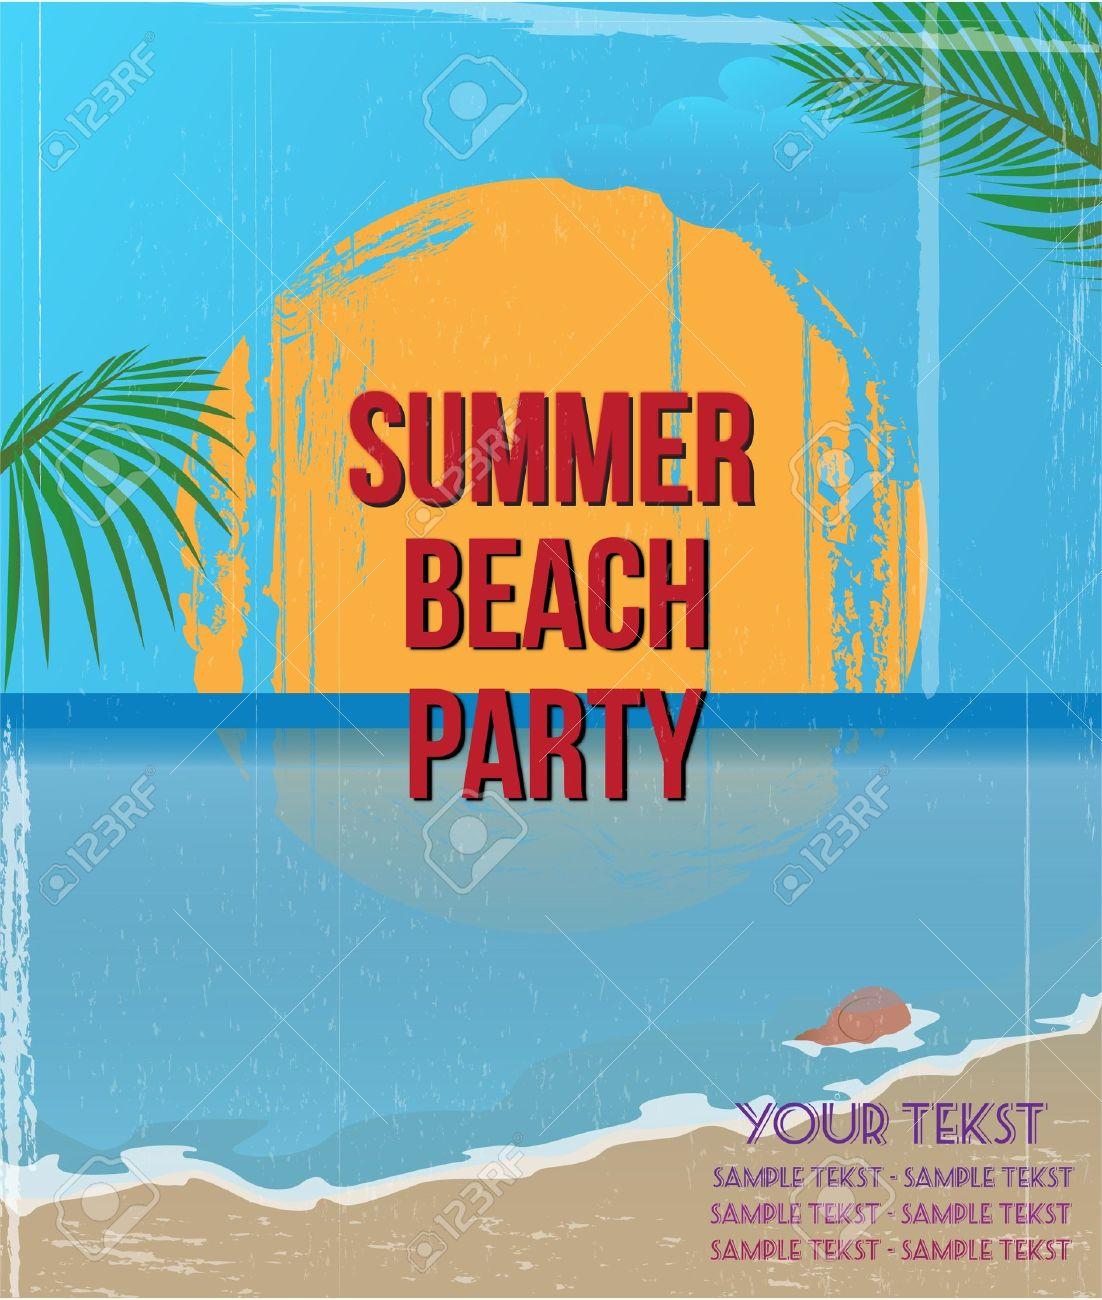 Vintage summer beach poster - 19749569